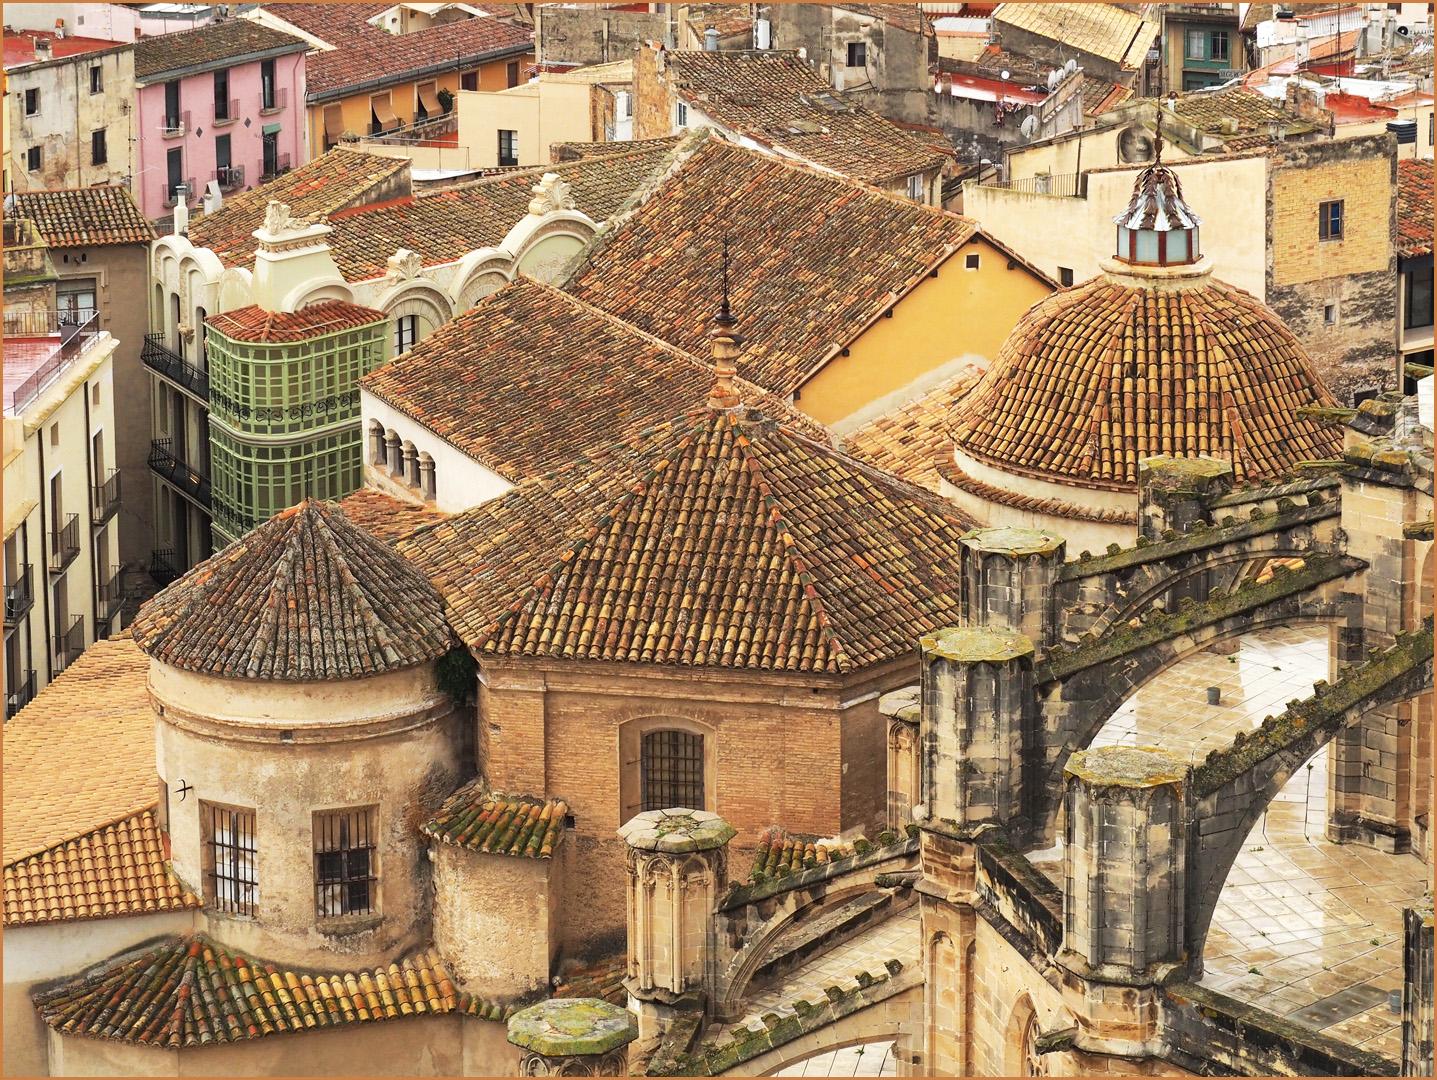 Vue sur les toits de Tortosa près de la Cathédrale Sainte-Marie